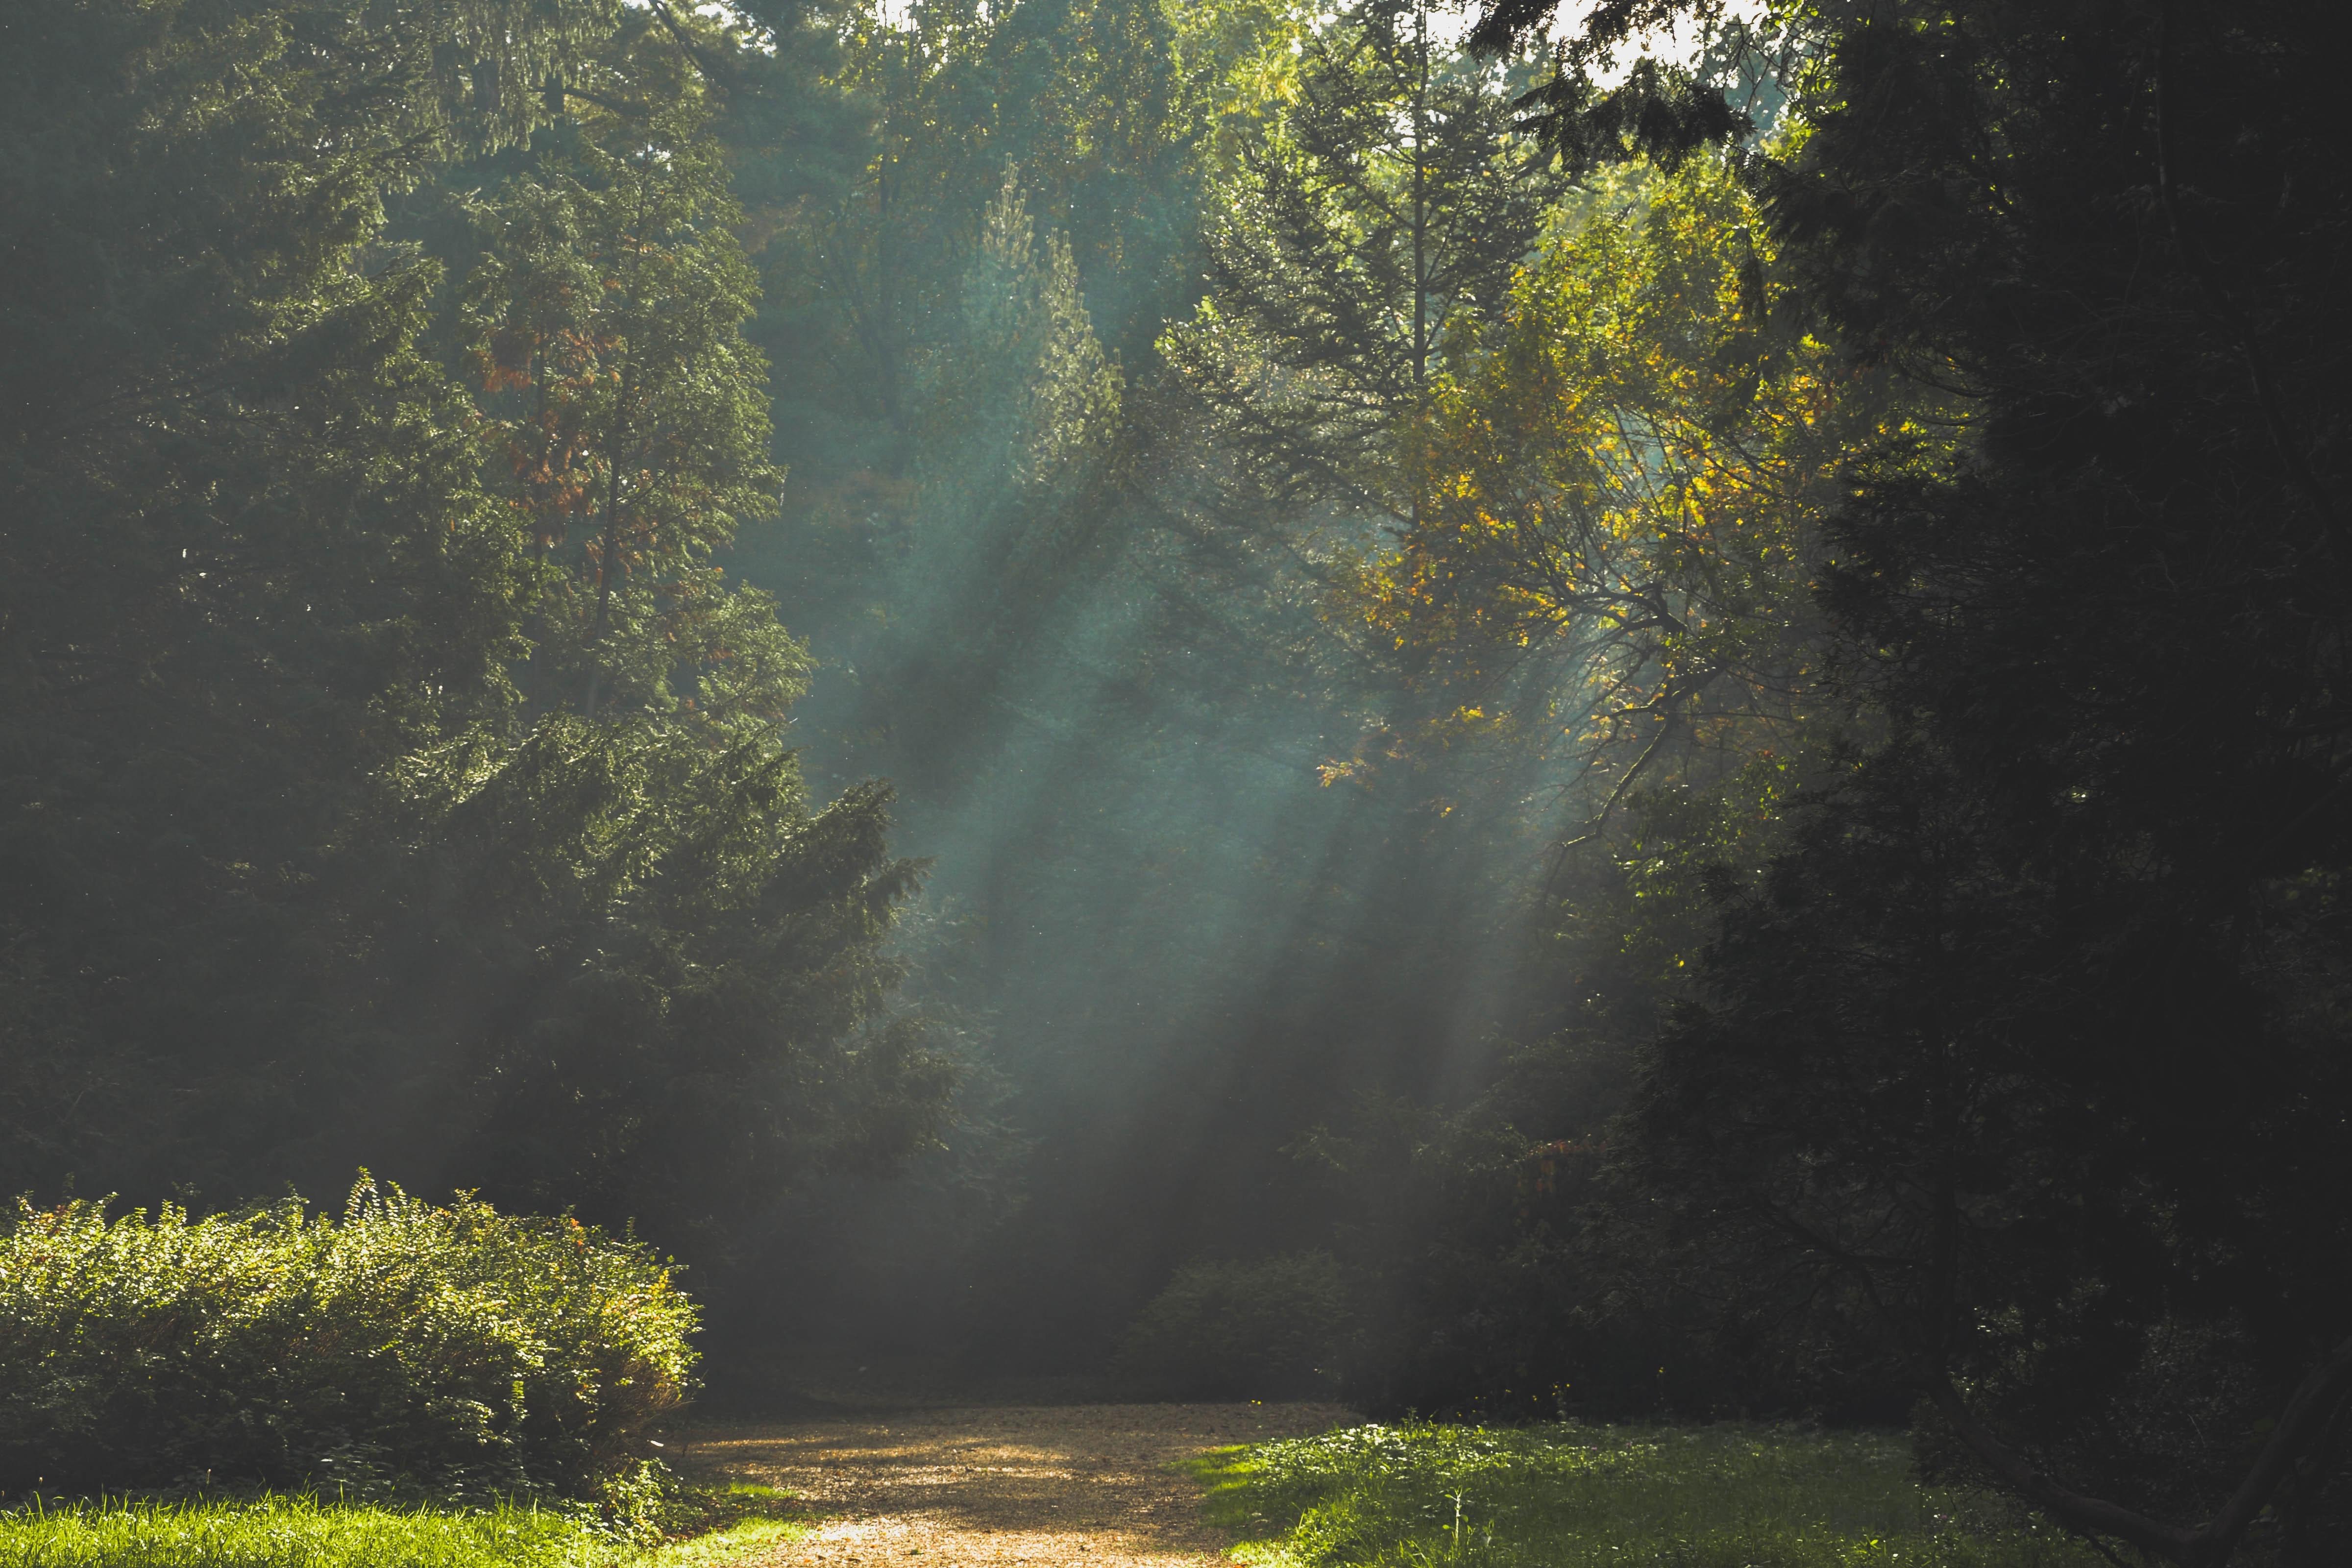 autumn-forest-landscape-21008 (1)